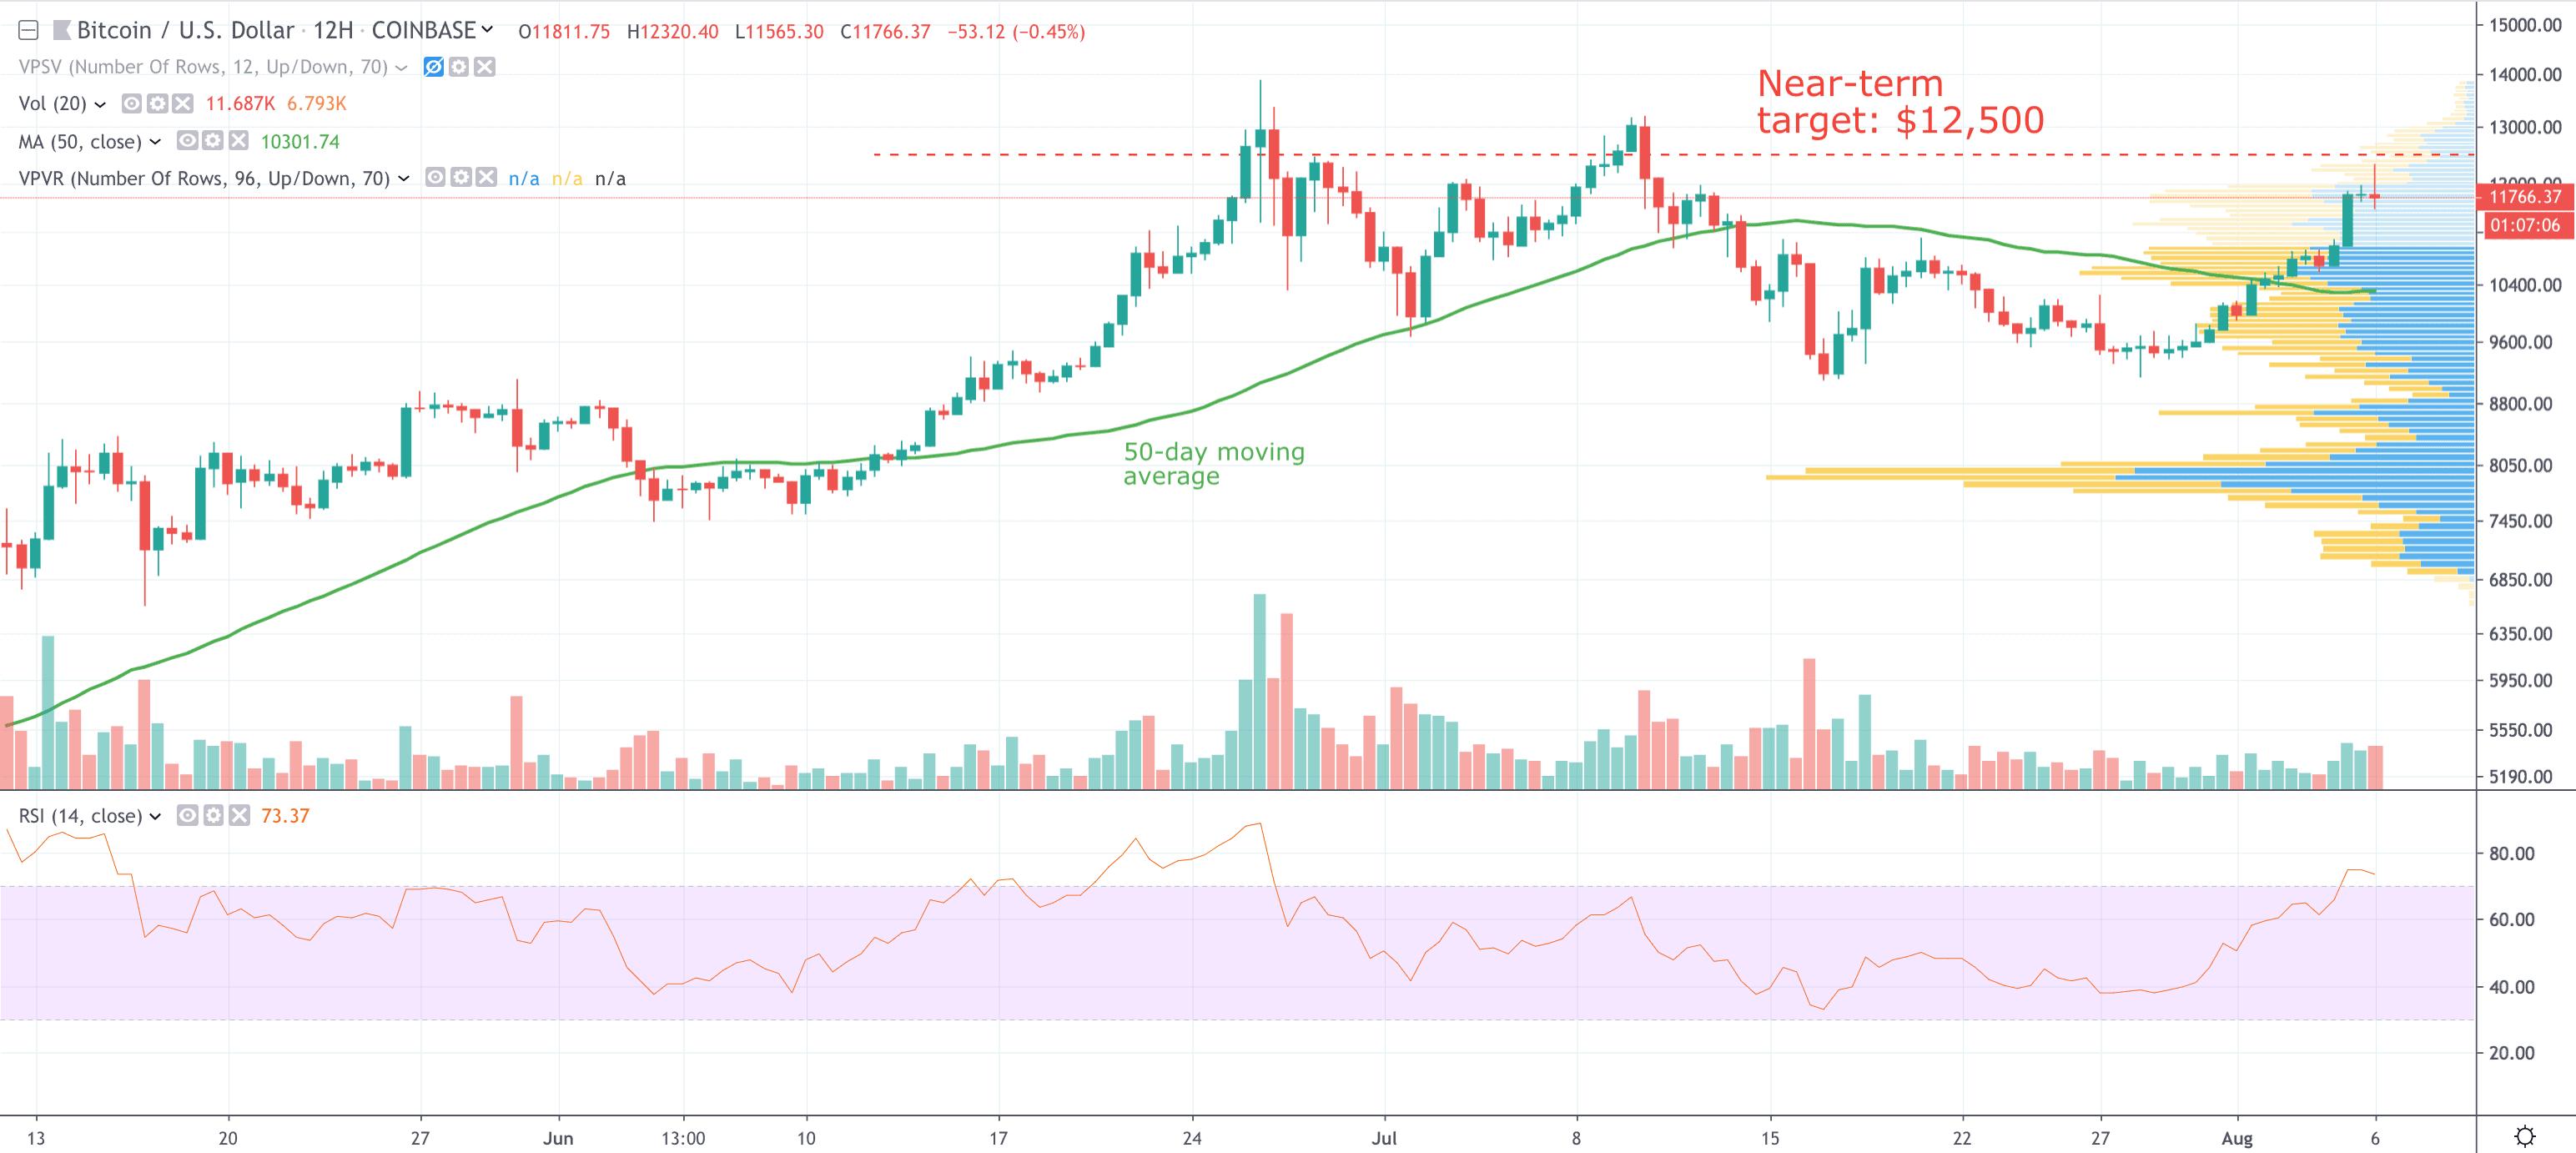 bitcoin v dollar price